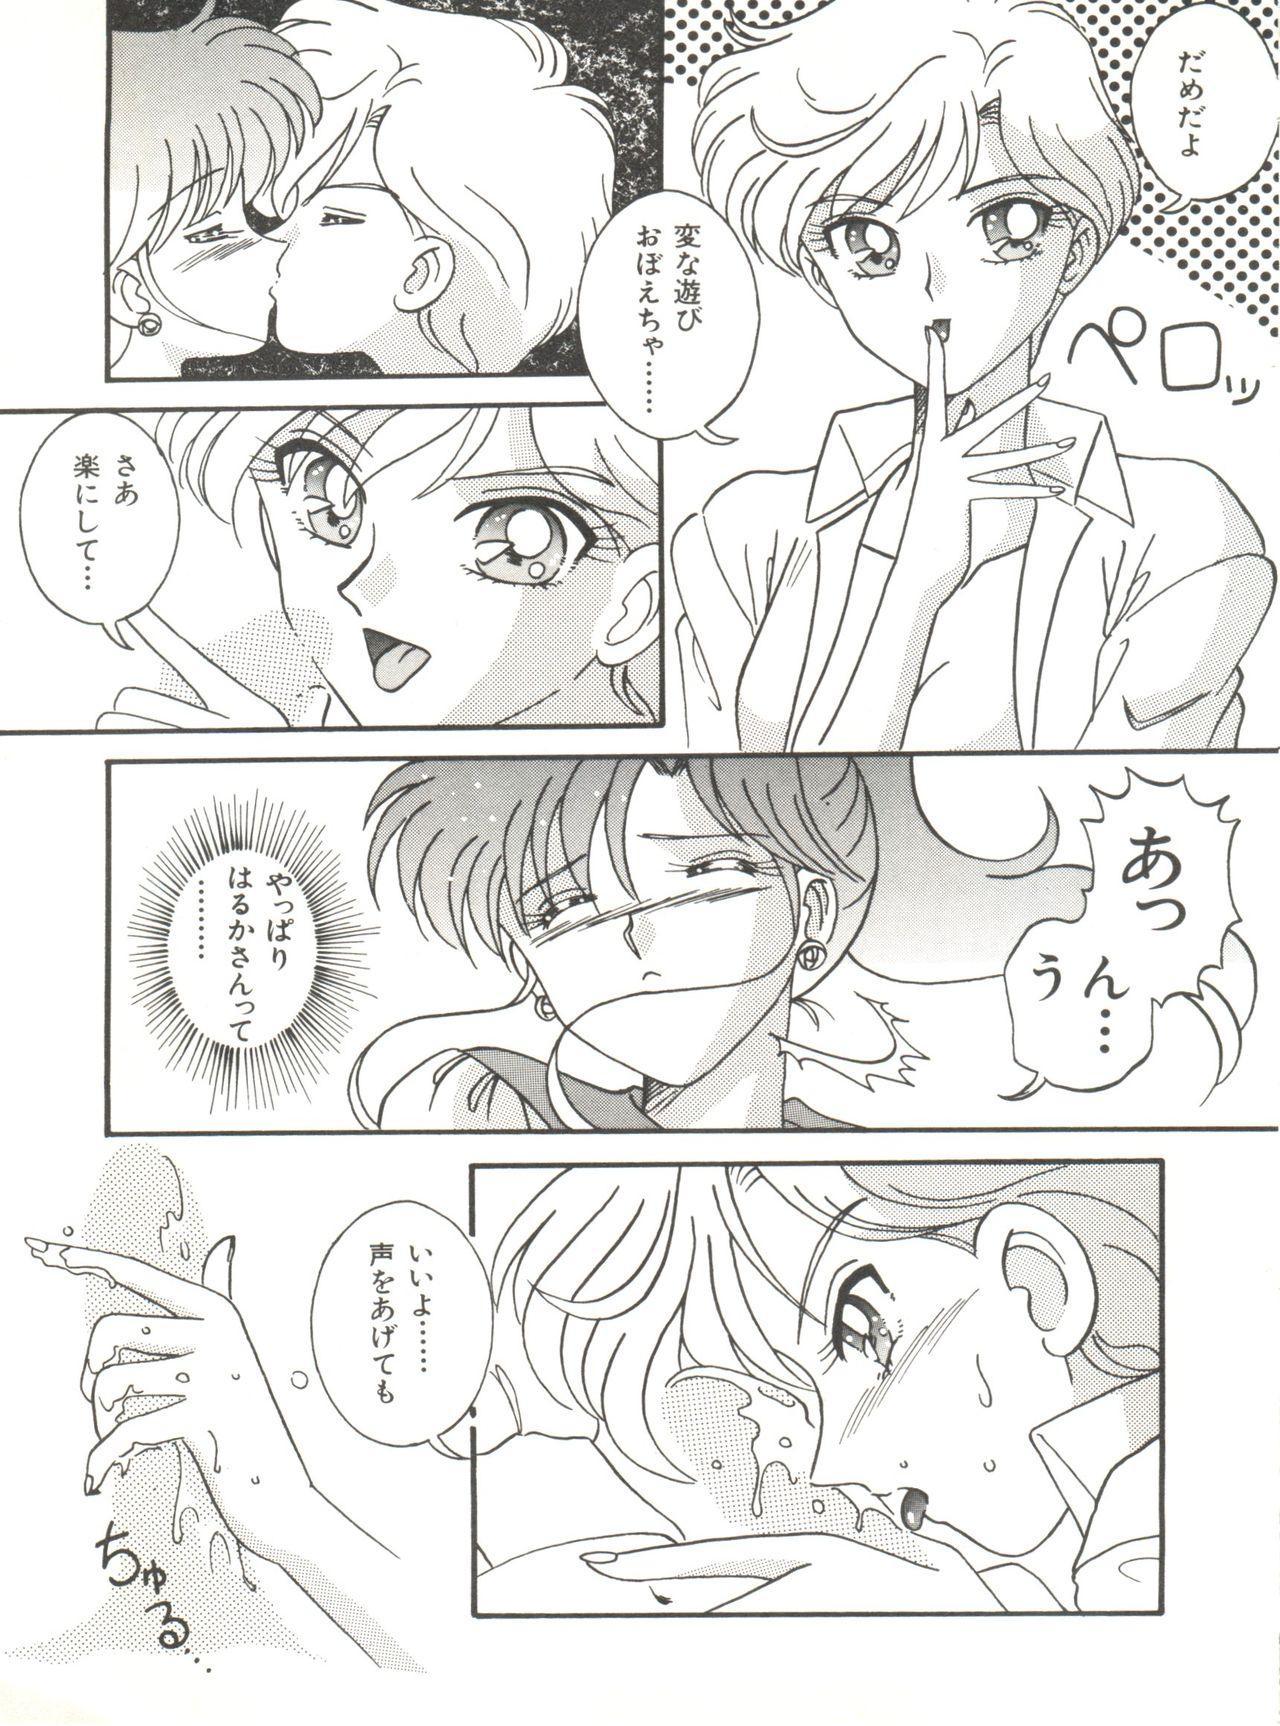 Bishoujo Doujinshi Anthology 12 - Moon Paradise 7 Tsuki no Rakuen 99